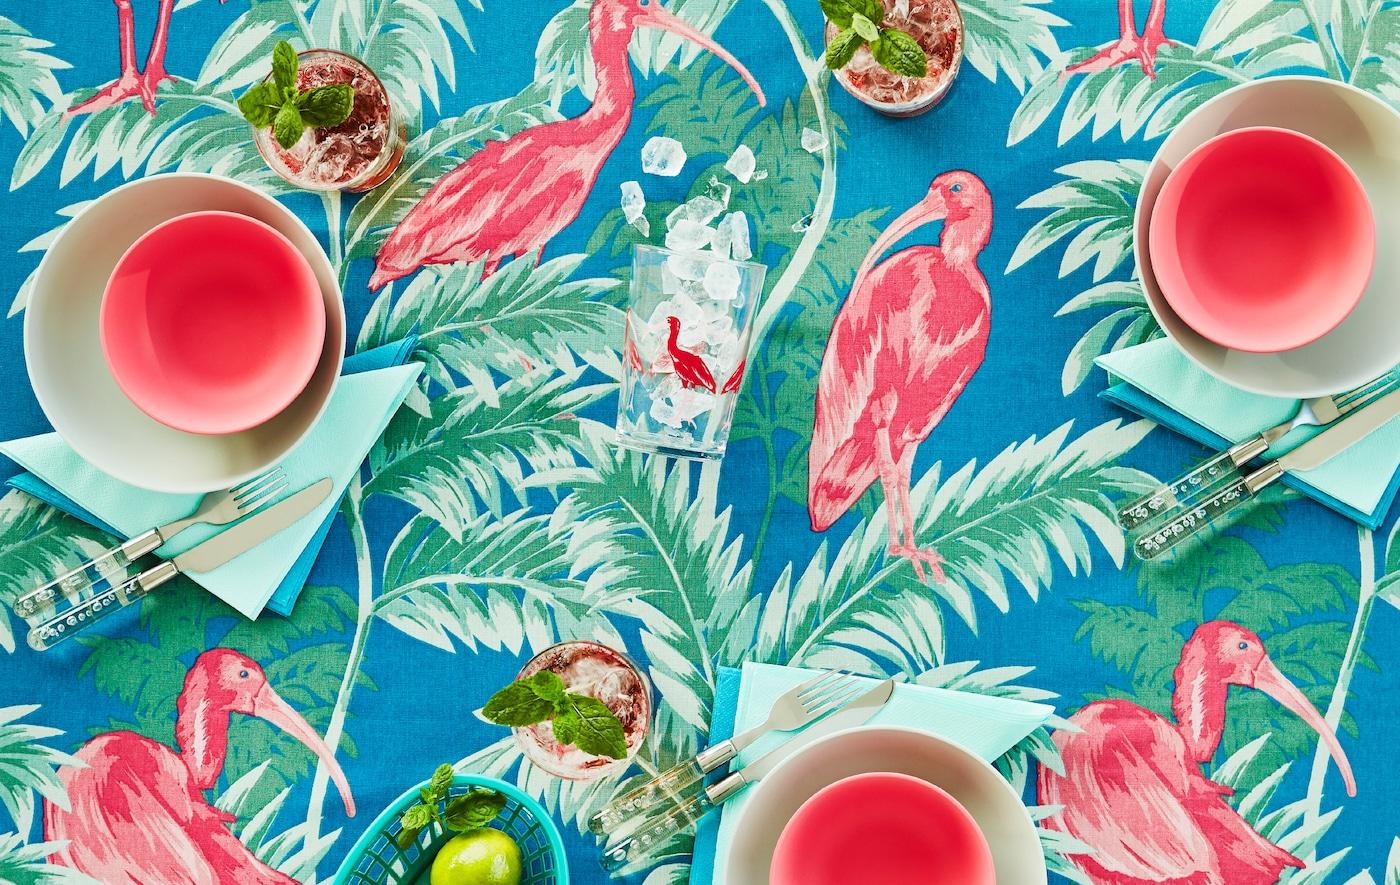 桌面上铺着饰有粉色、绿色和蓝色热带图案的桌布。桌子上摆着配套的餐具。